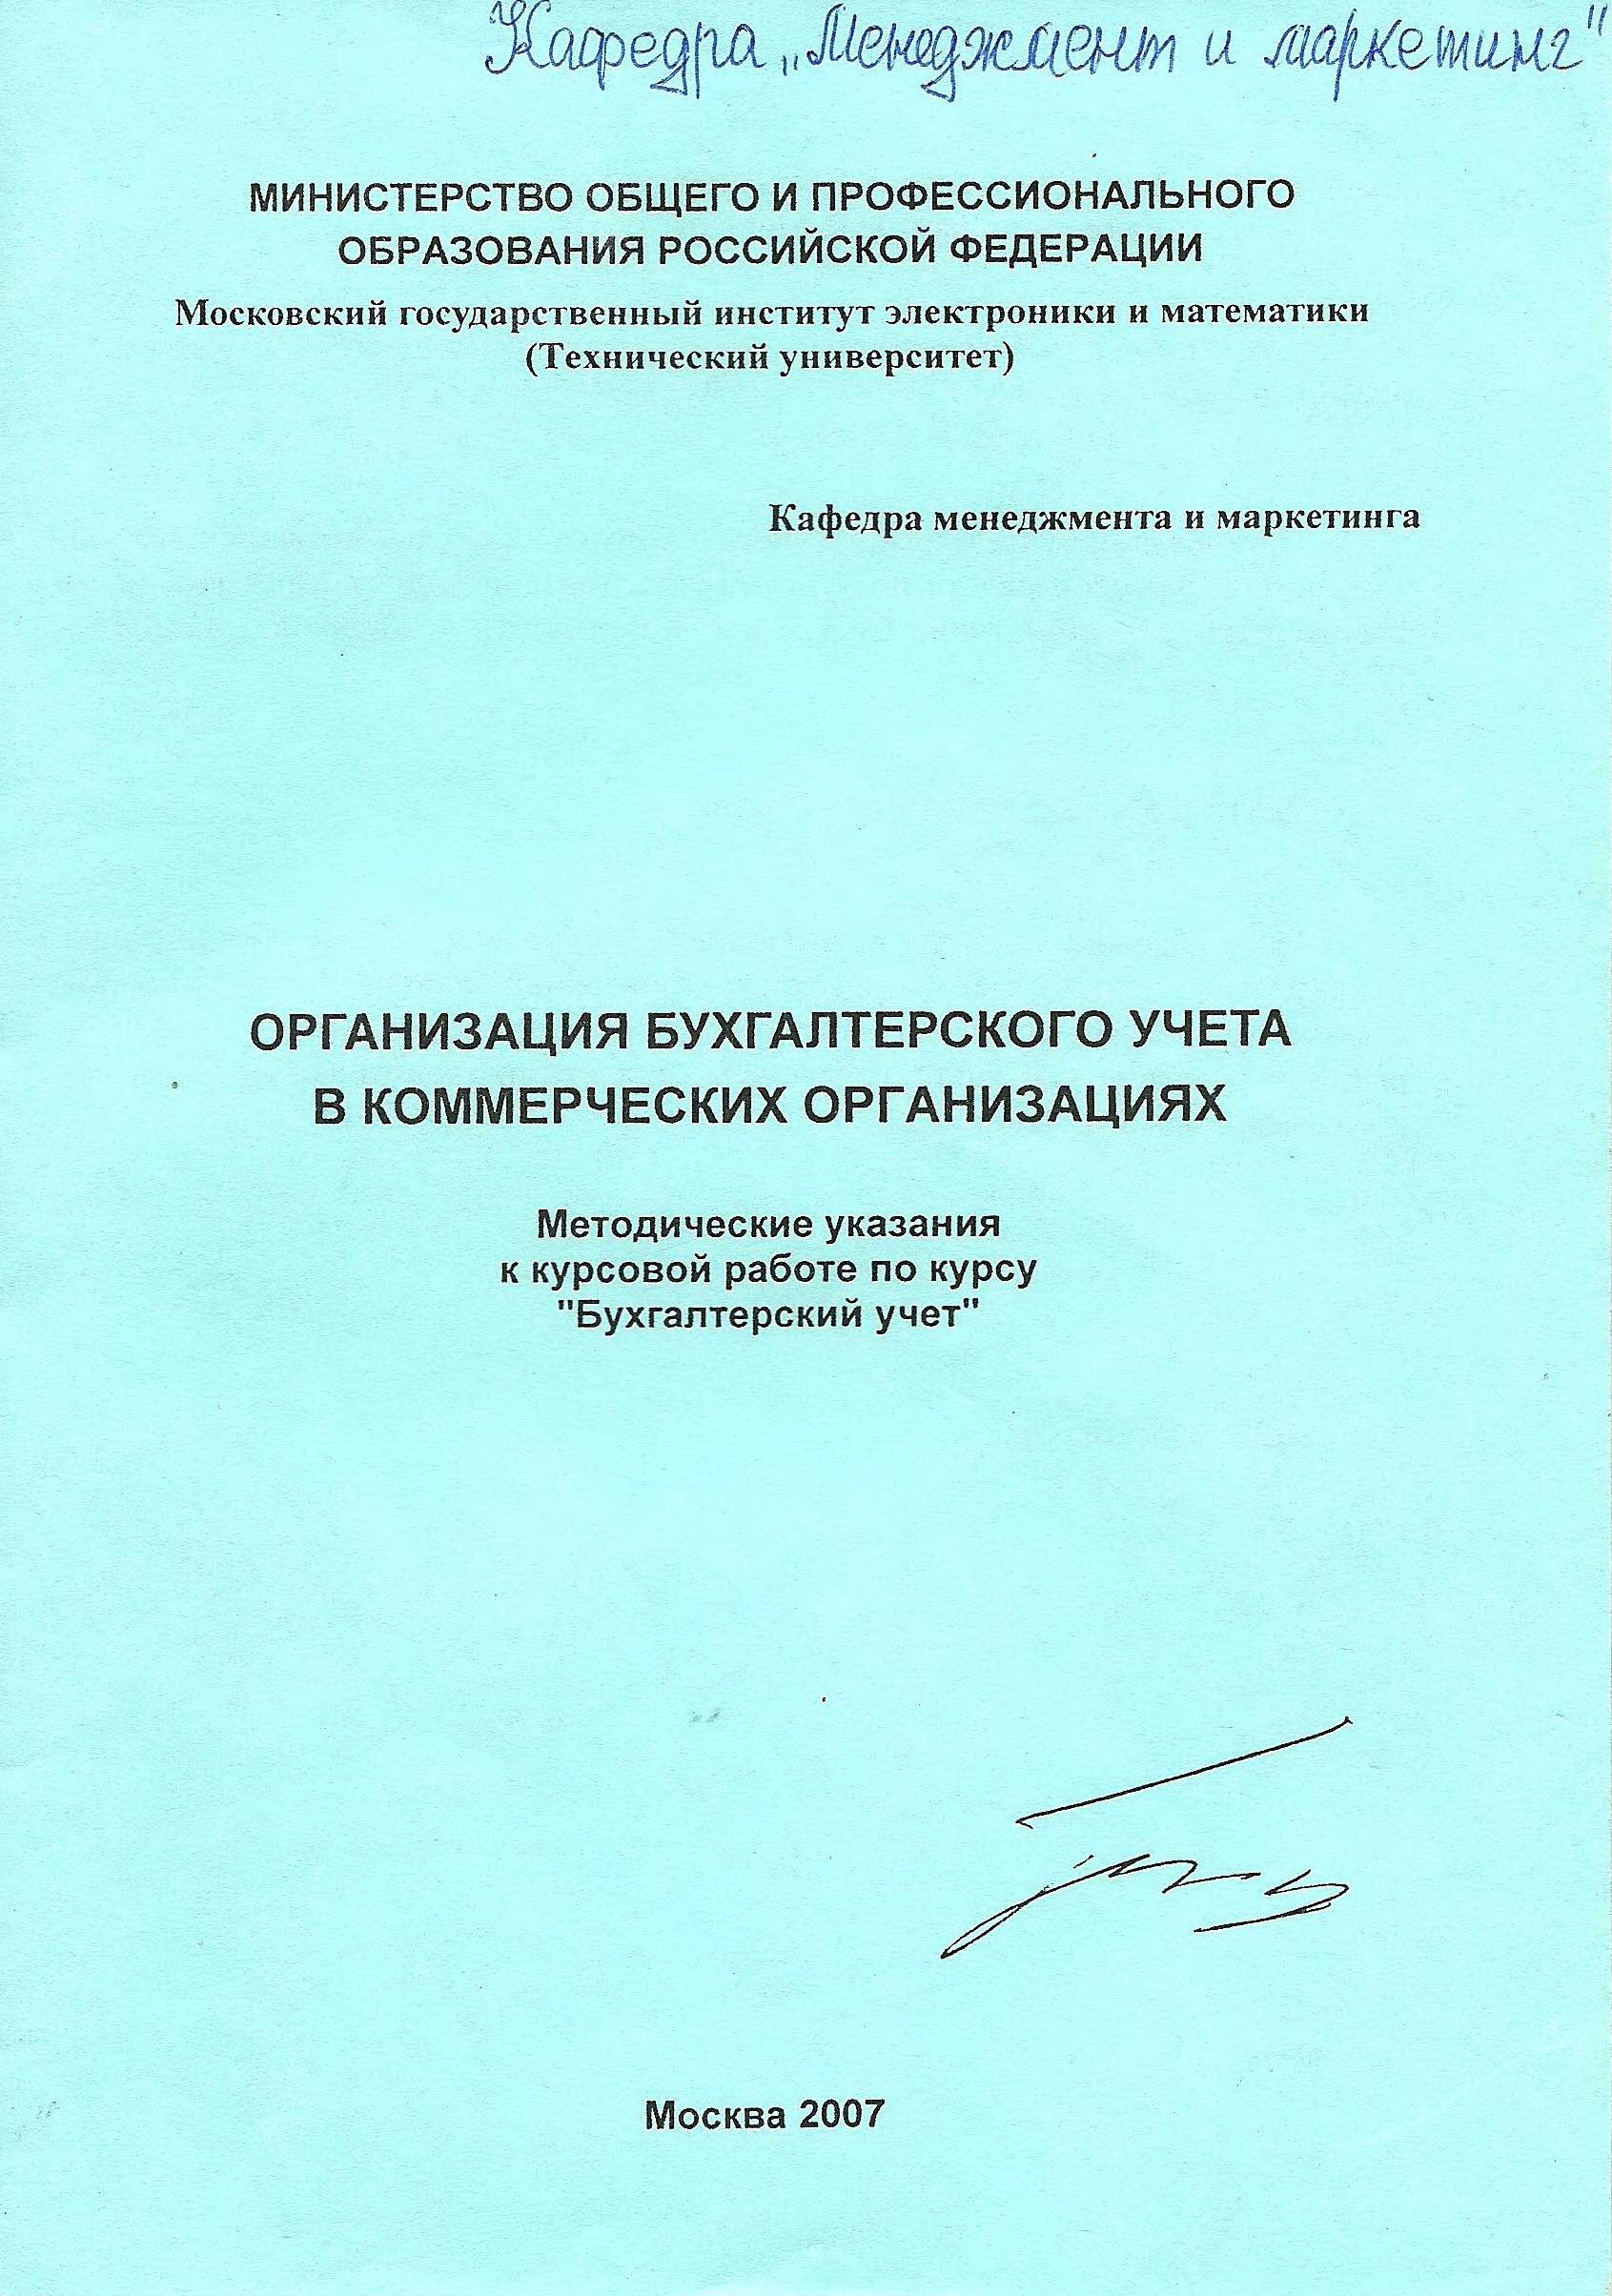 Организация бухгалтерского учета в коммерческих организациях. Методические указания к курсовой работе по курсу «Бухгалтерский учет»